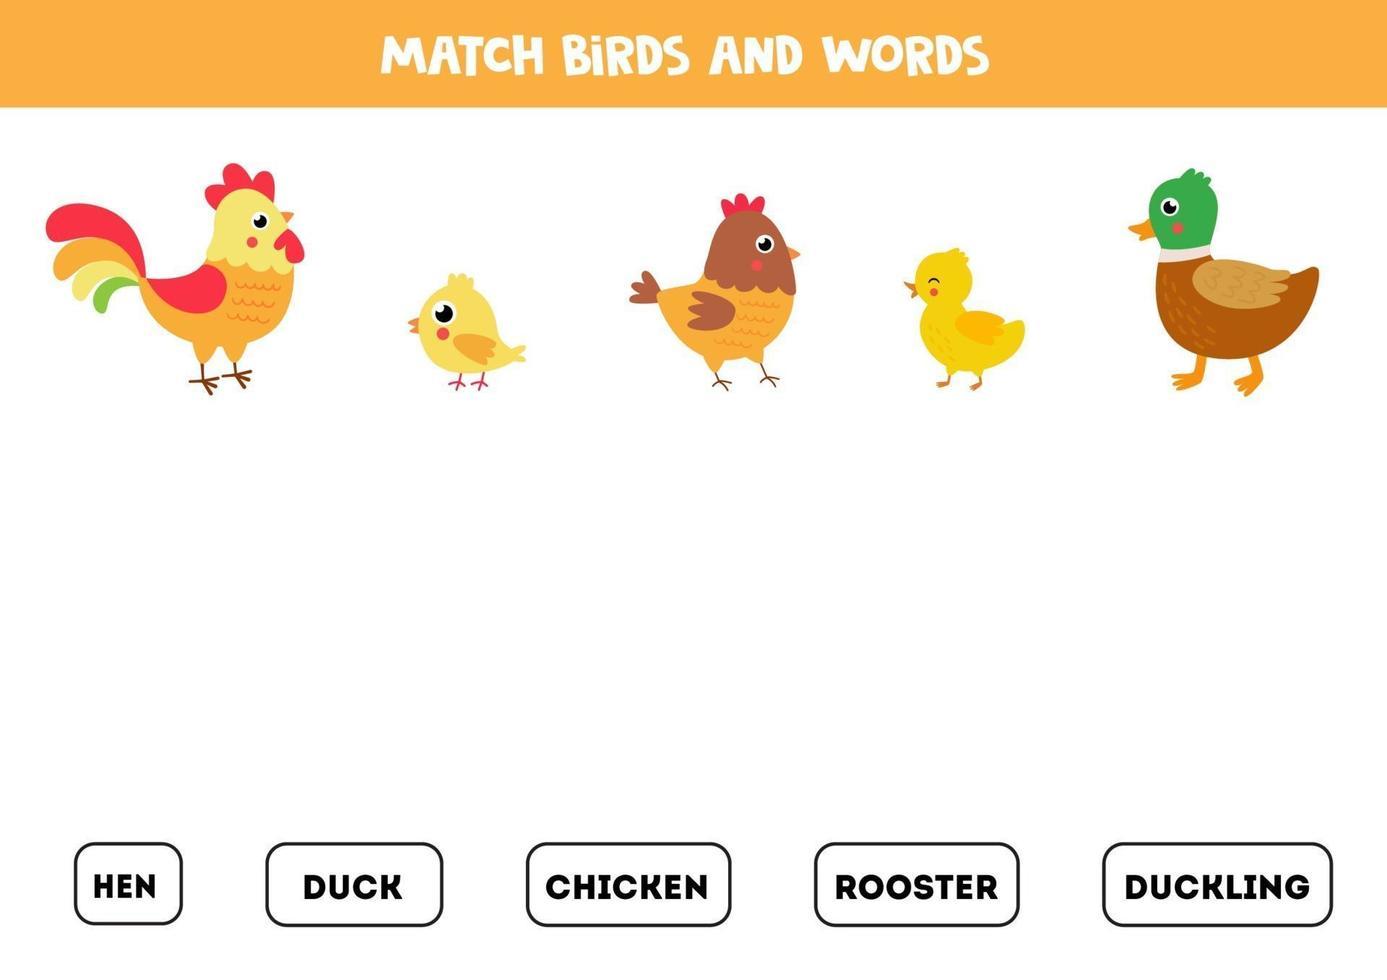 gioco di parole corrispondenti con simpatici uccelli da fattoria. vettore